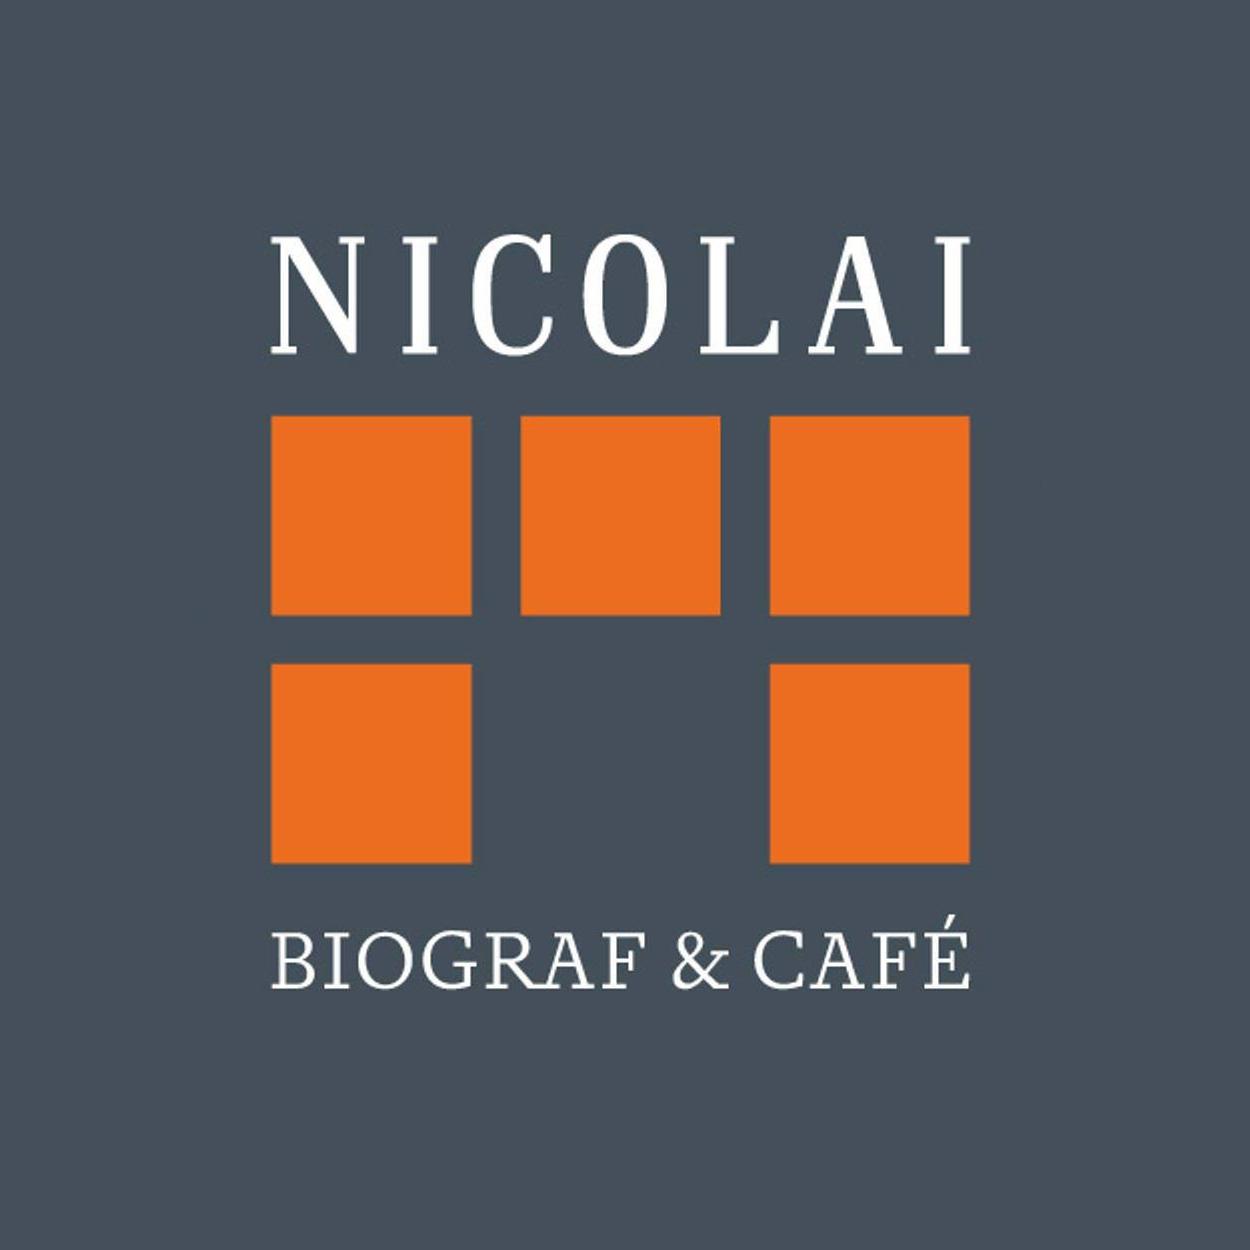 NICOLAI BIOGRAF – FILM SKAL SES I BIOGRAFEN